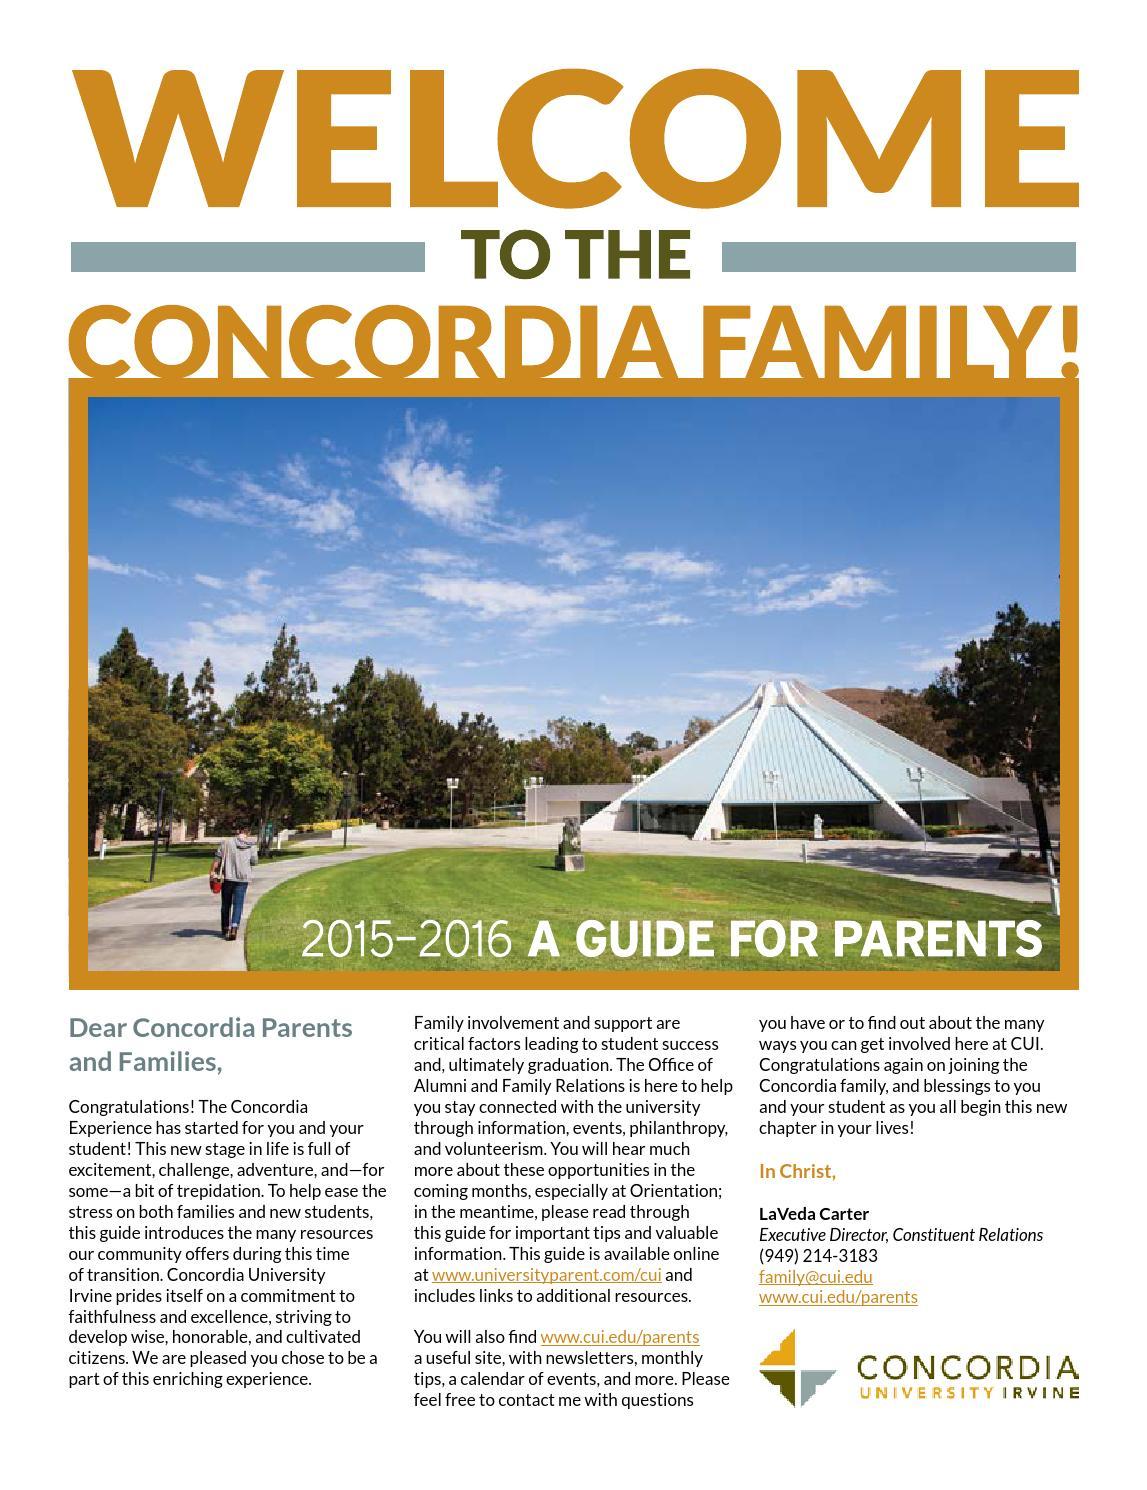 Concordia University Irvine 2015 2016 Guide For Parents Regarding Concordia Irvine Spring Break